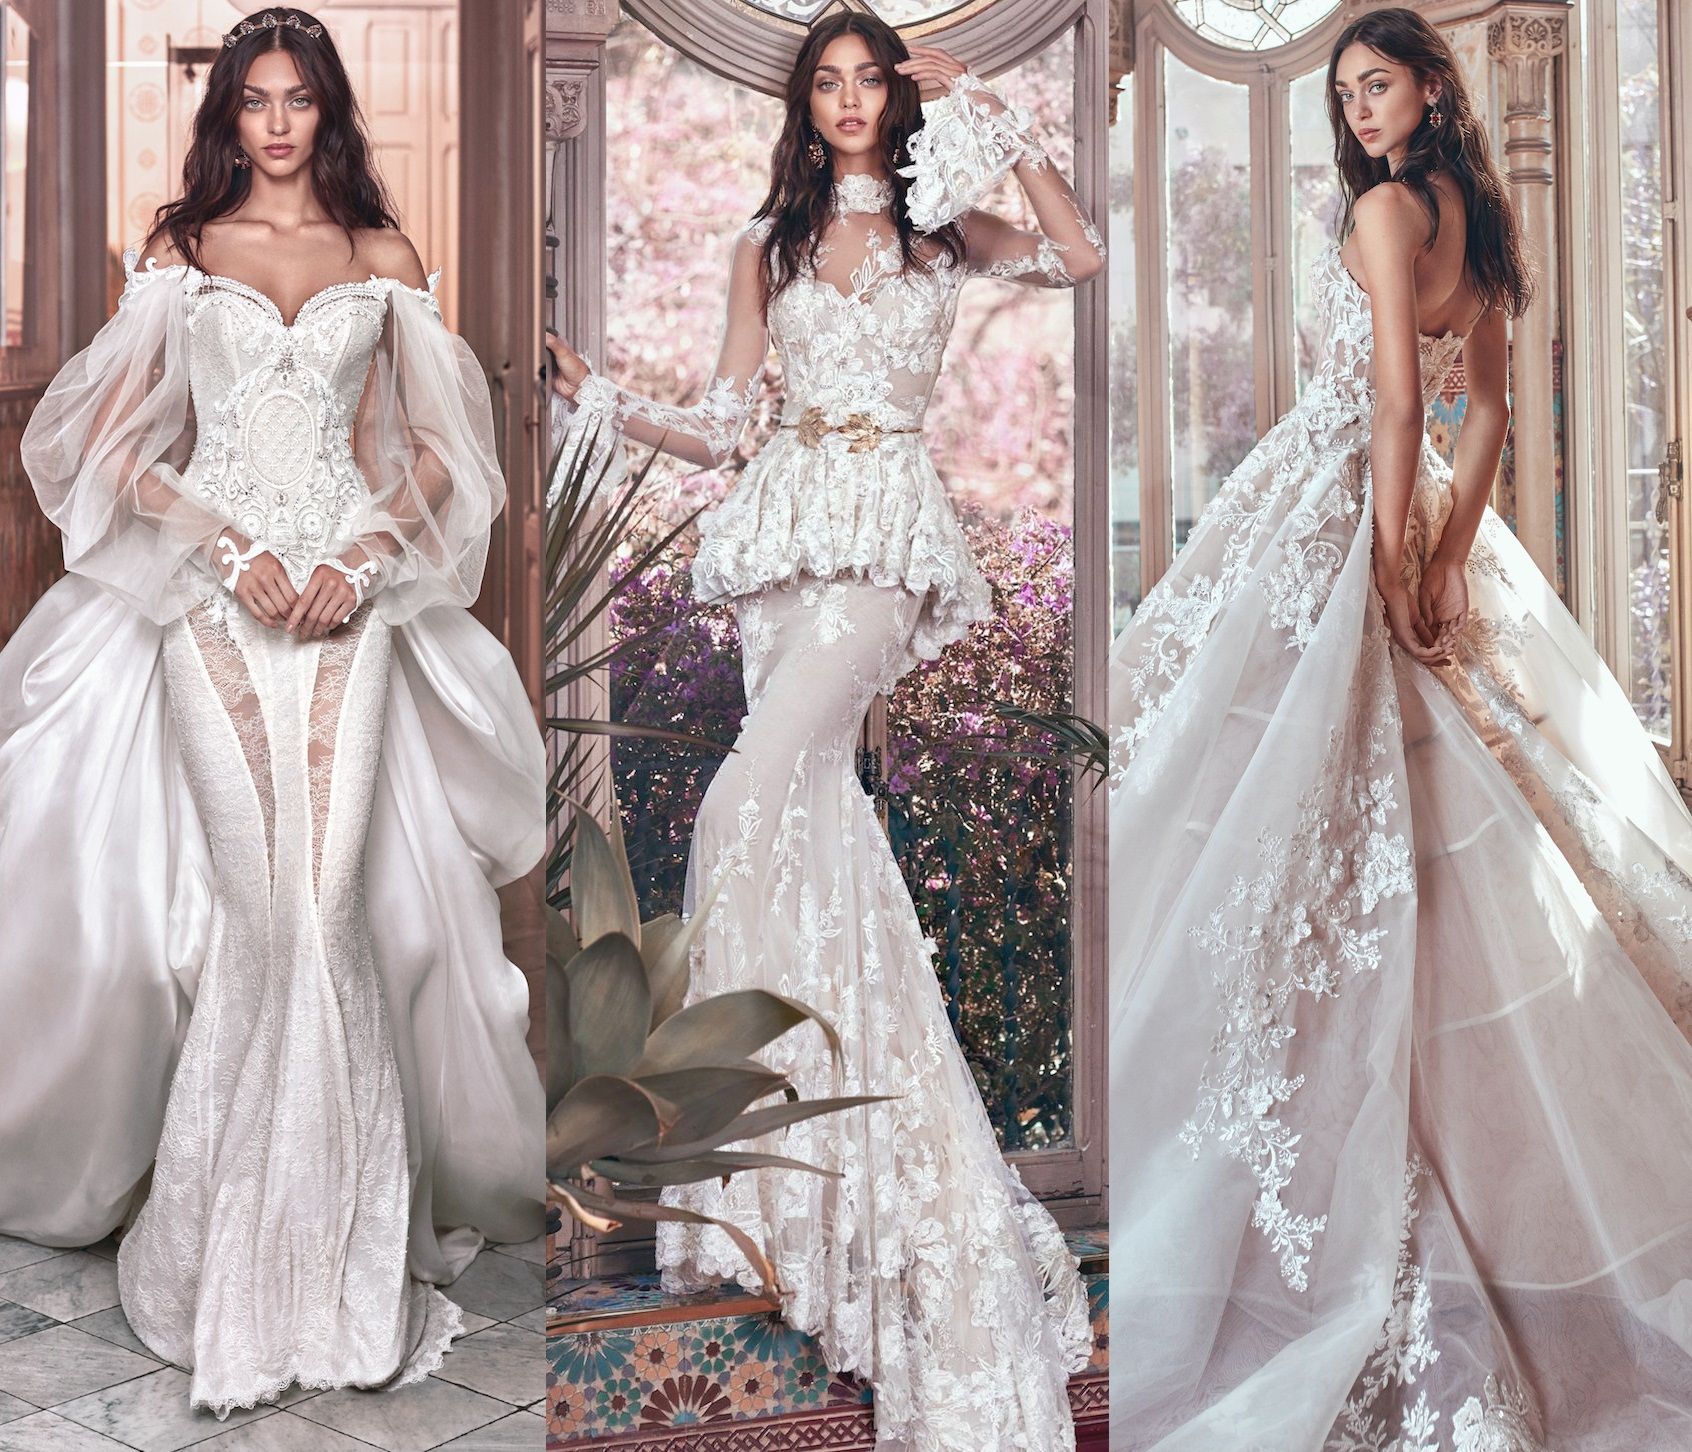 429e0b0b38af Izraelská módna značka Galia Lahav predstavila najnovšiu kolekciu luxusných  svadobných šiat pre sezónu 2018! Tieto šaty jednoducho musíte vidieť!!!